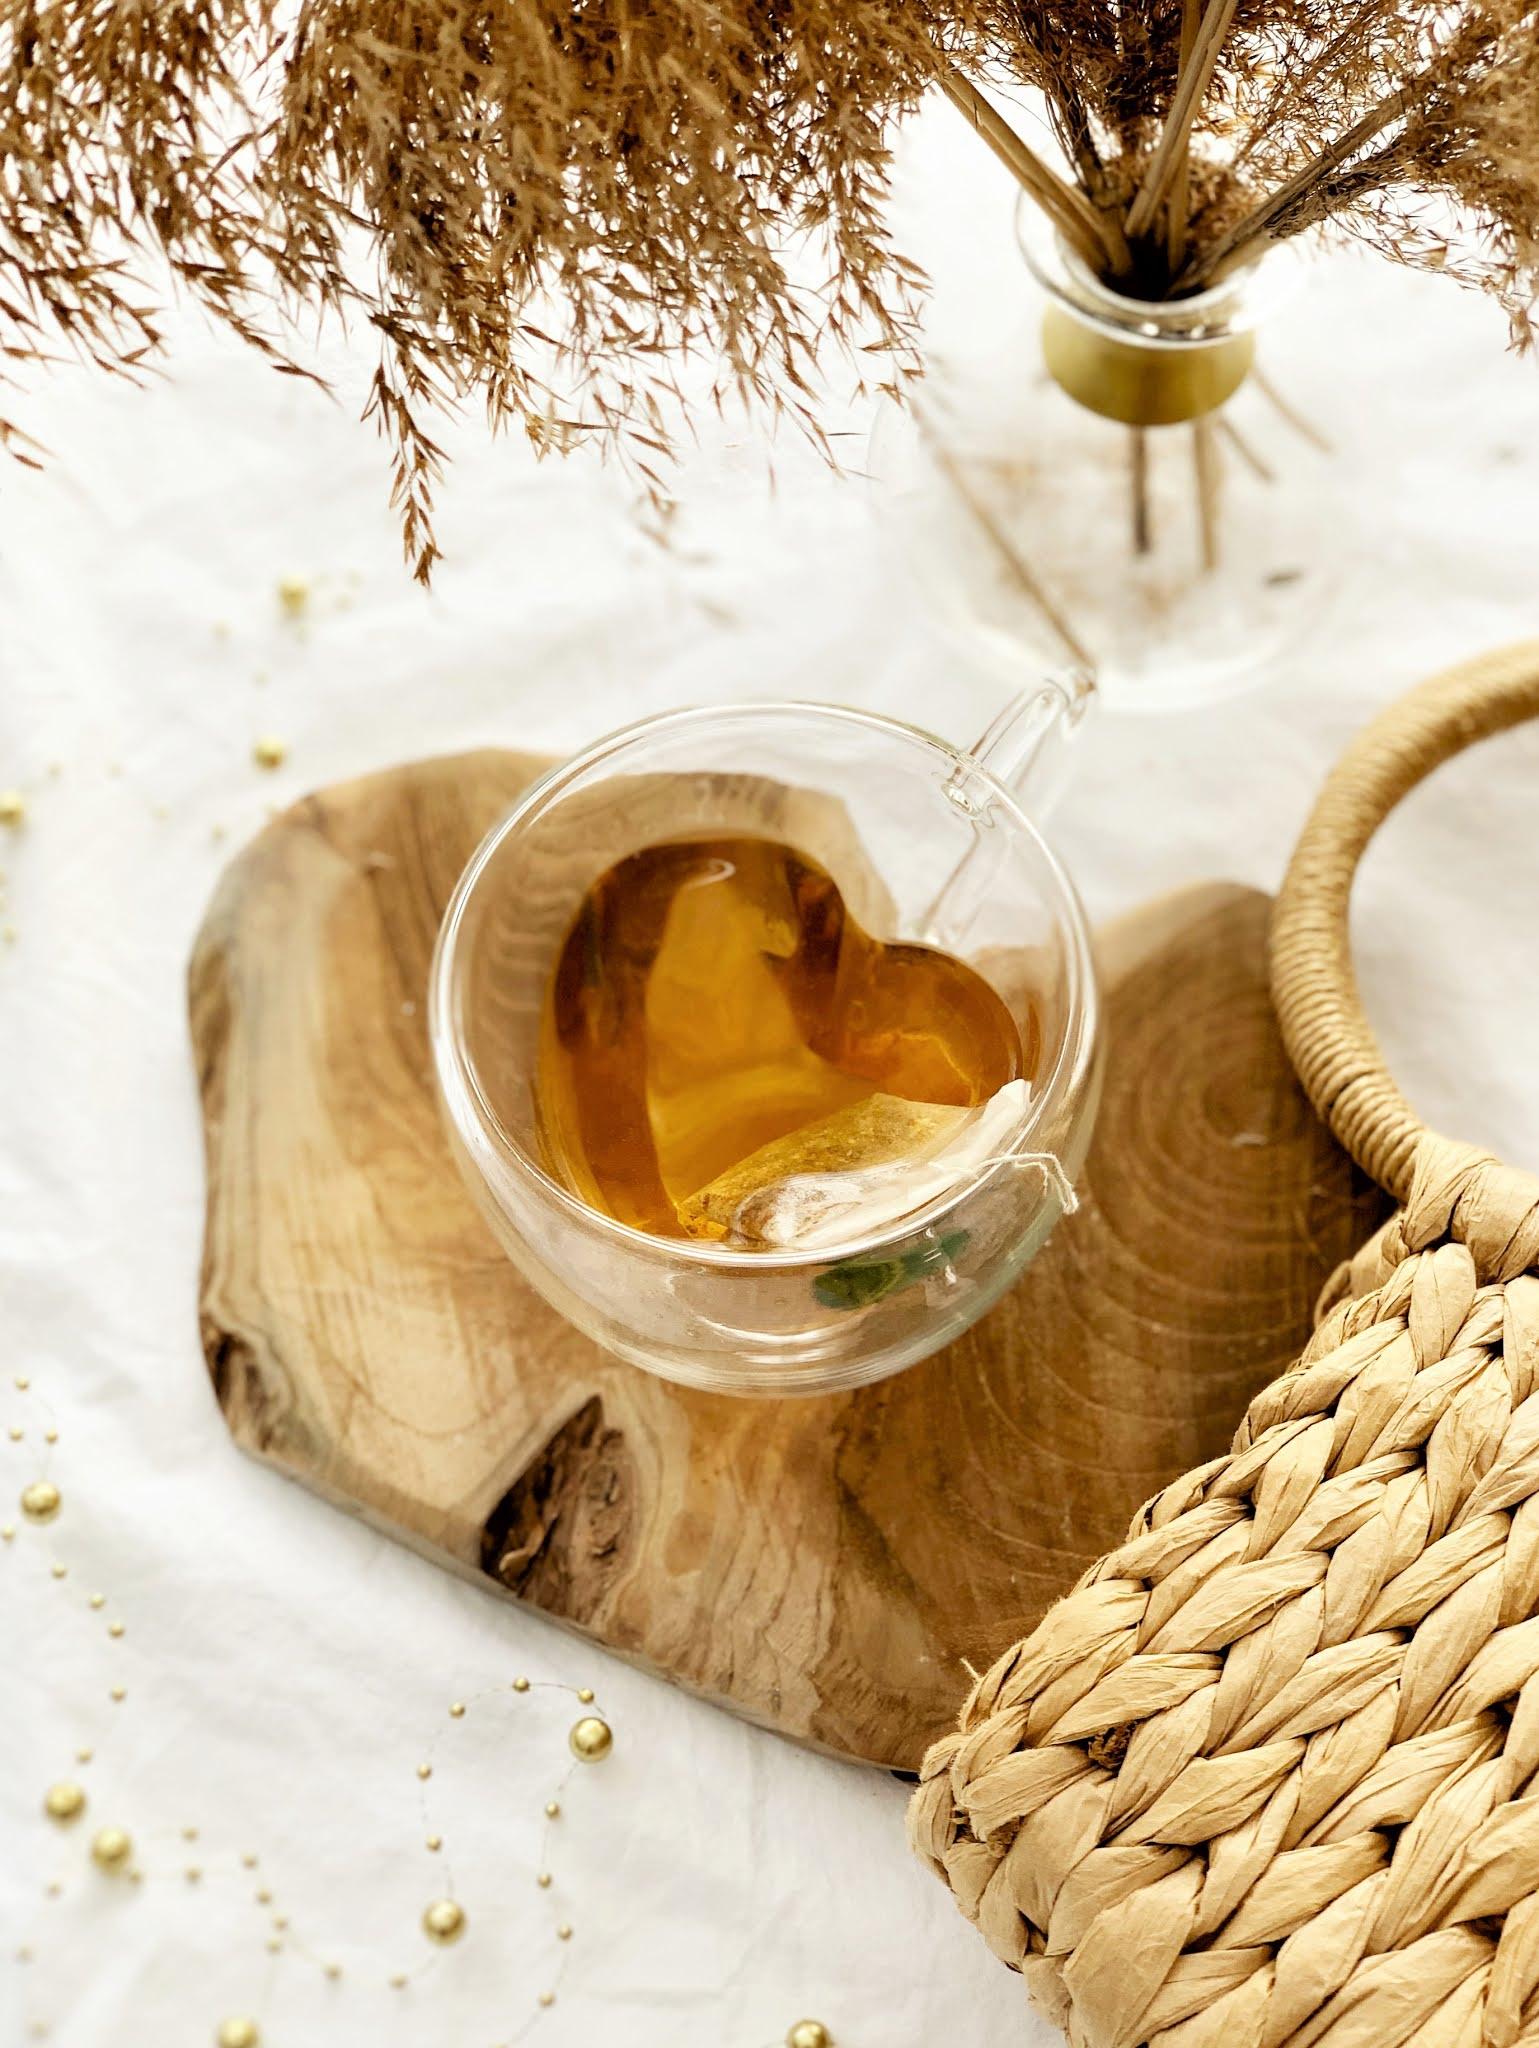 Ulubieńcy lipca: herbata, świeca, letnie obiady i piosenka